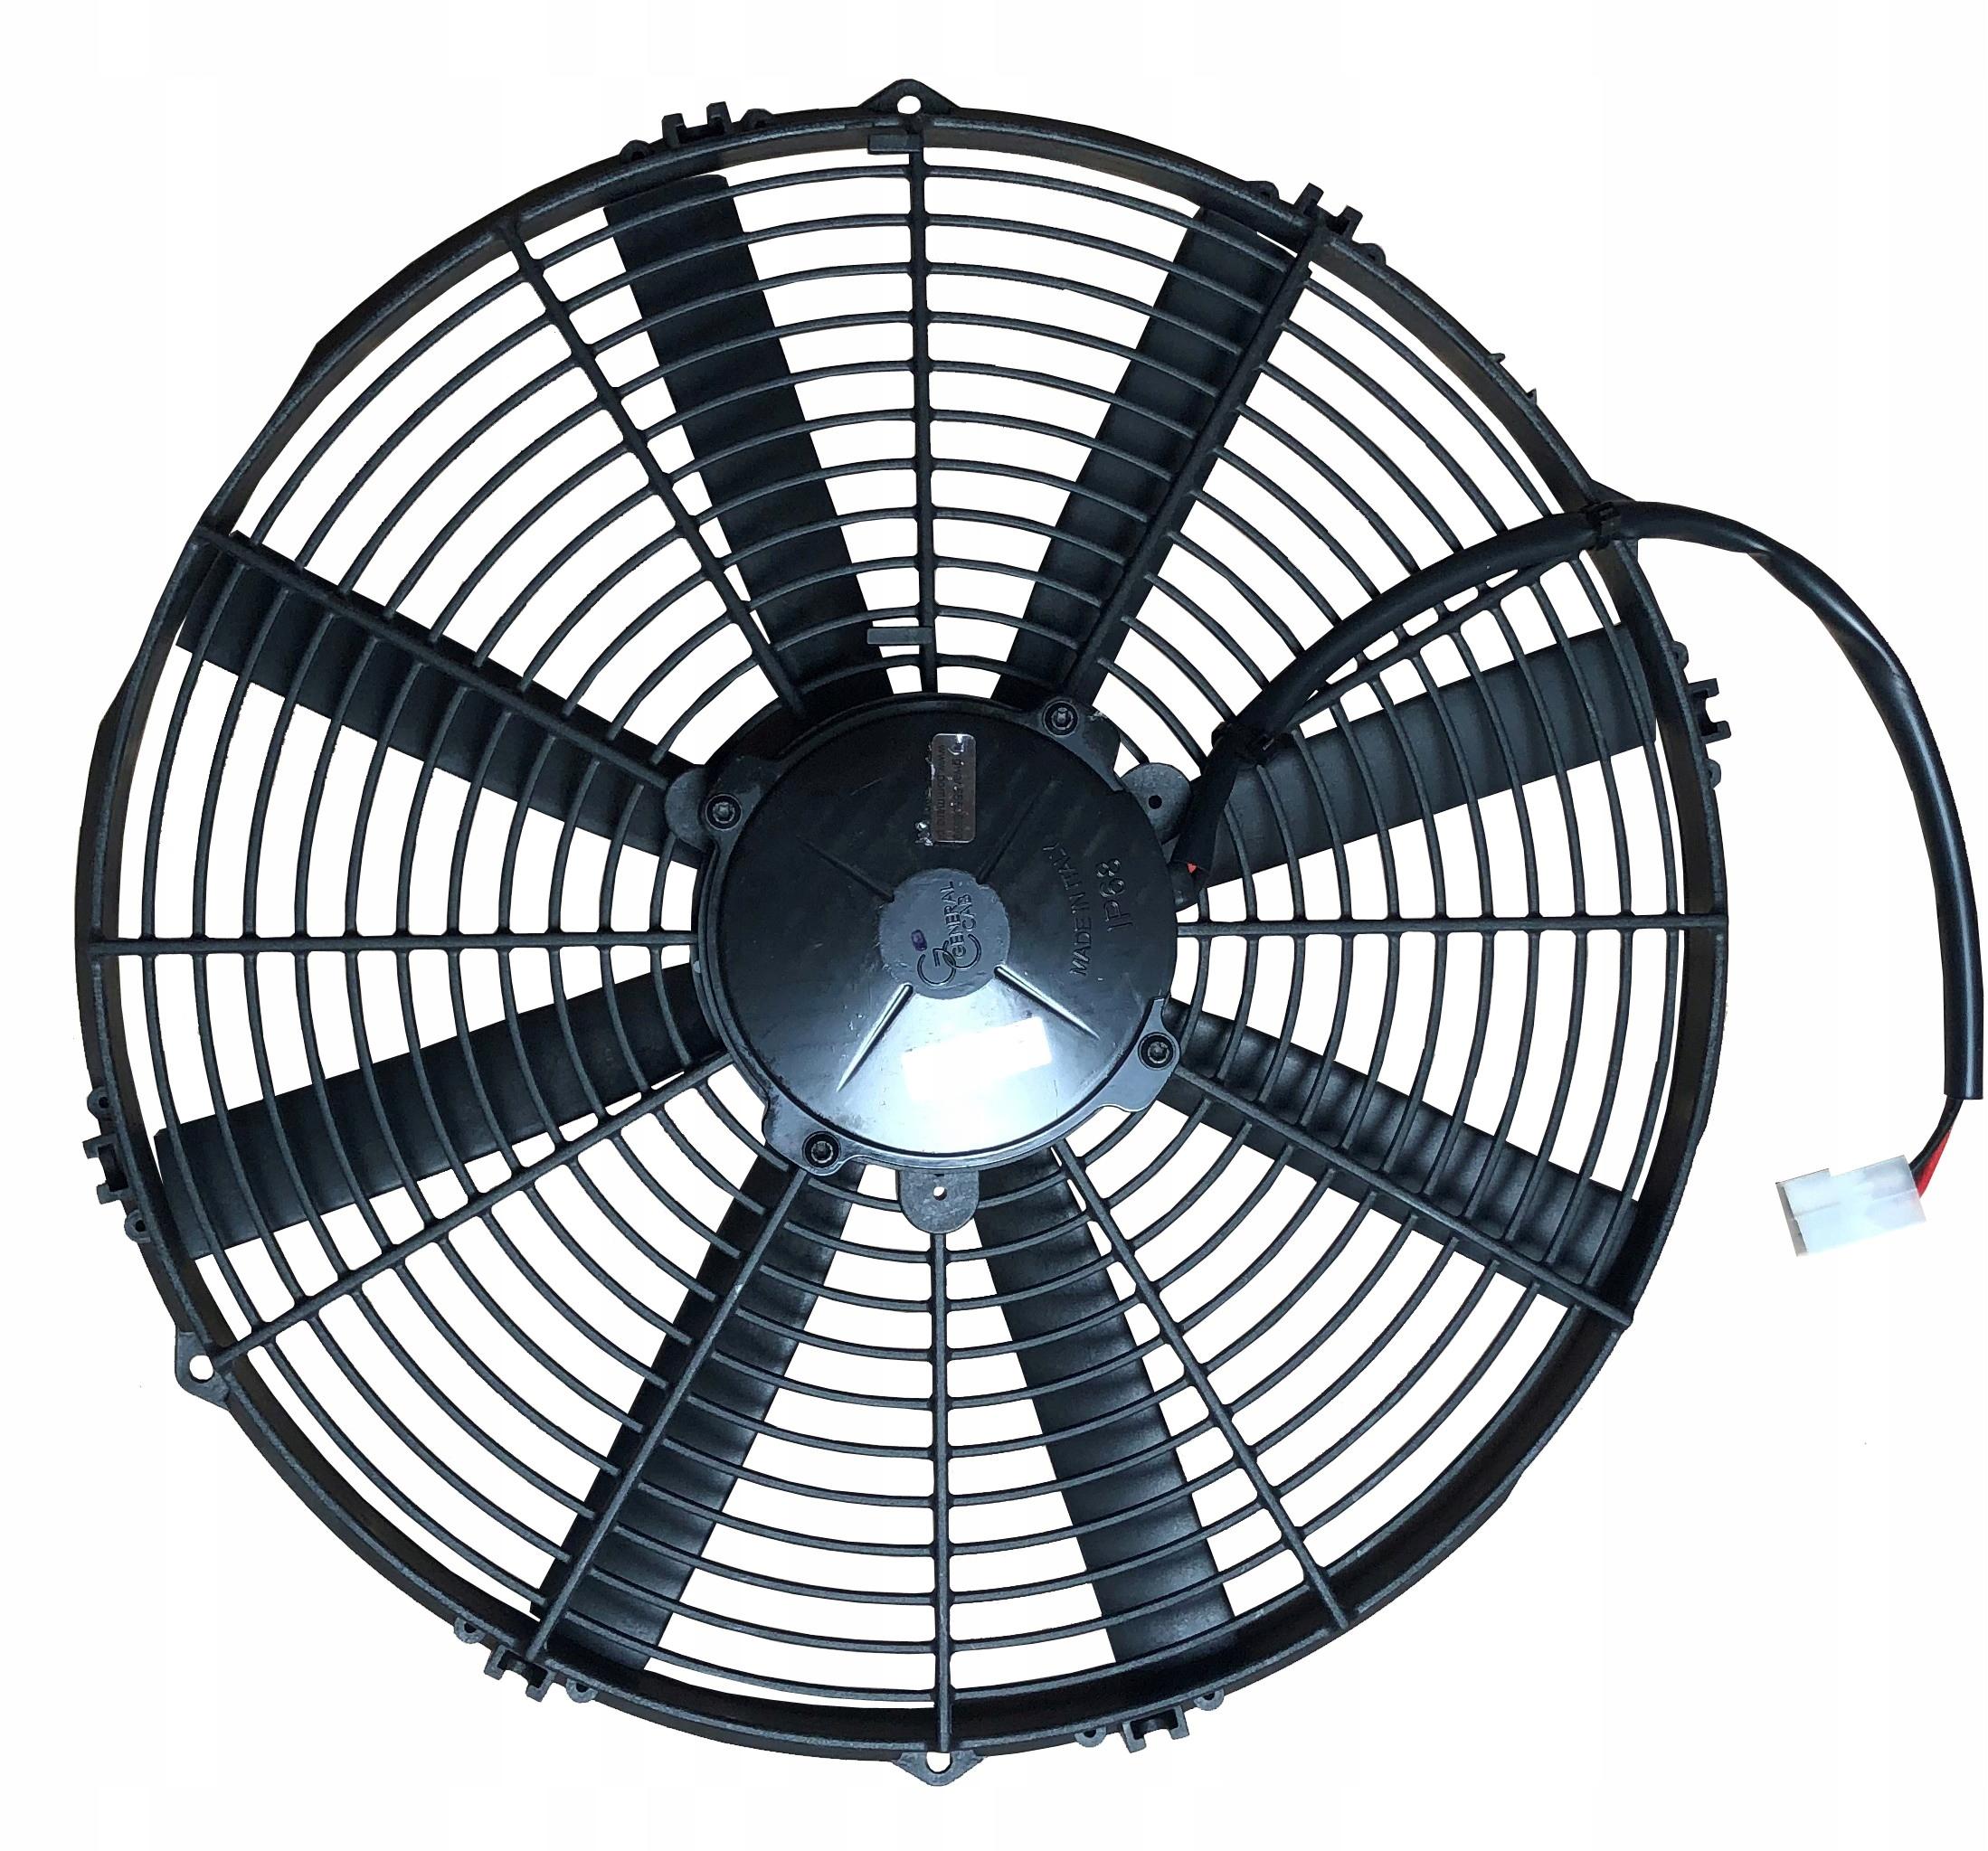 вентилятор осевой 12v 385 мм 90050409 выдвижной